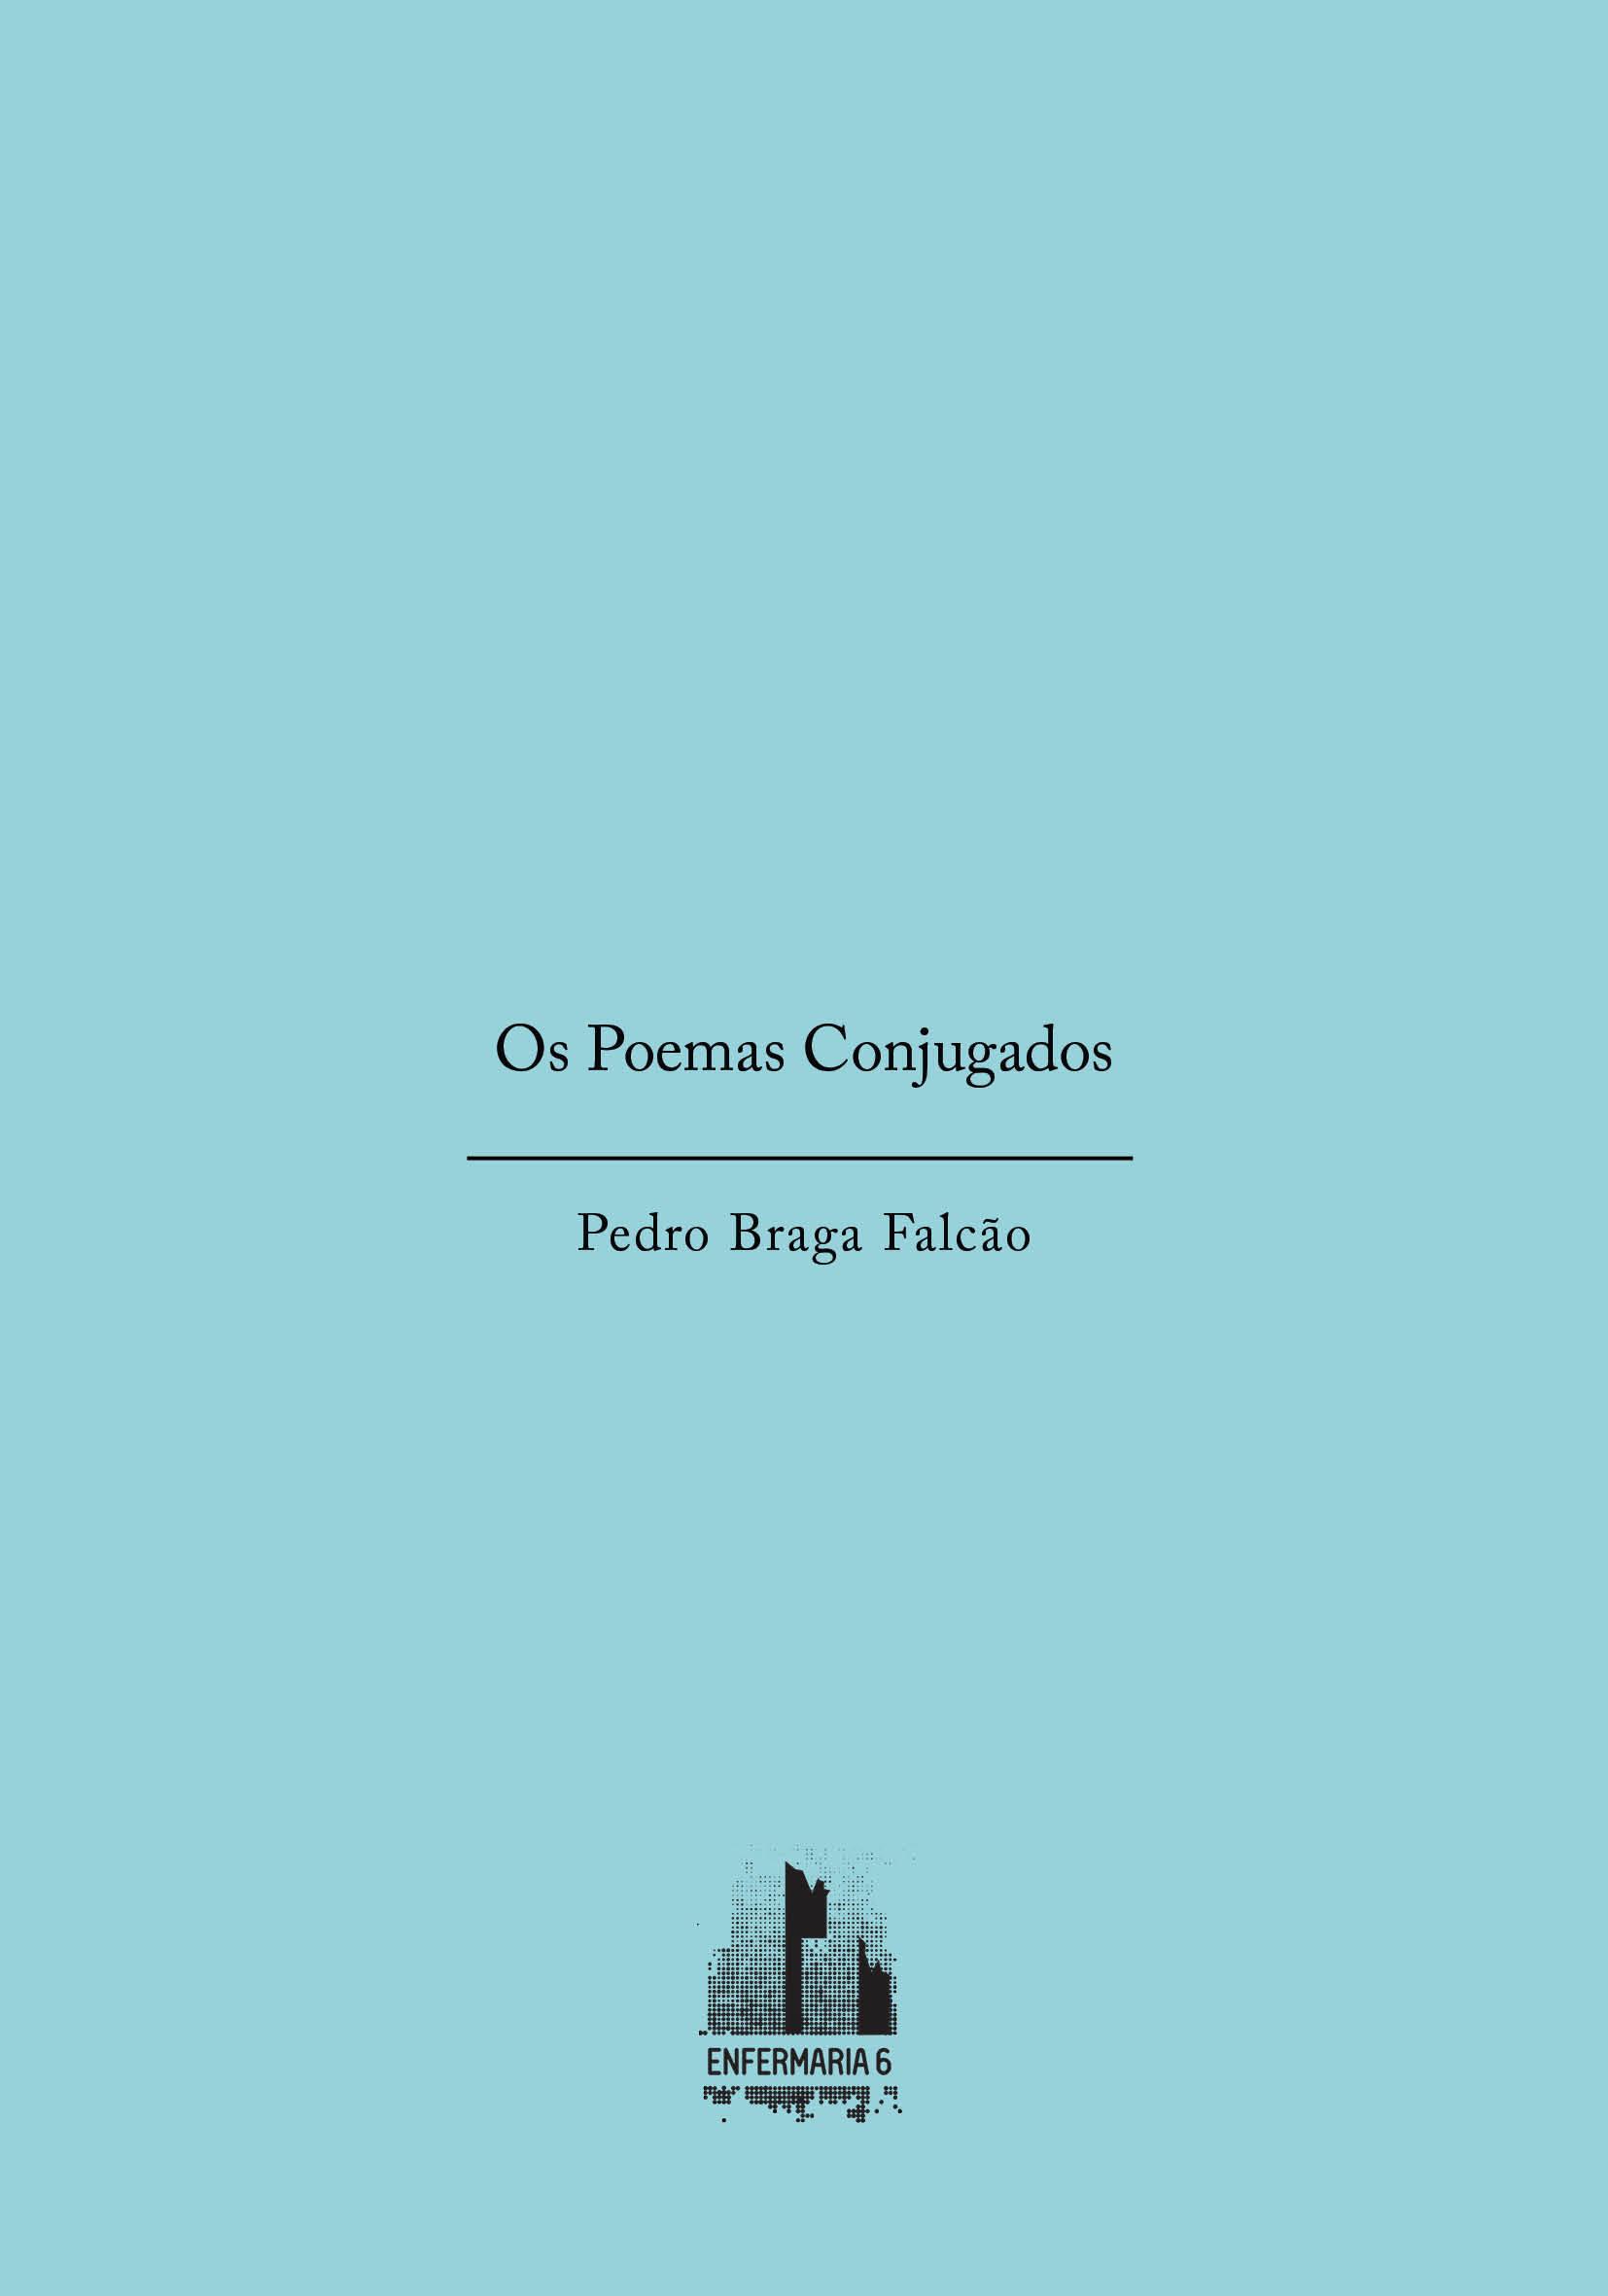 Pedro Braga FalcãoOs Poemas Conjugados - PoesiaEnfermaria 6, Lisboa,fevereiro de 201844 ppOs textos desta publicação digital integram o livro Os Poemas Fingidos, de Pedro Braga Falcão